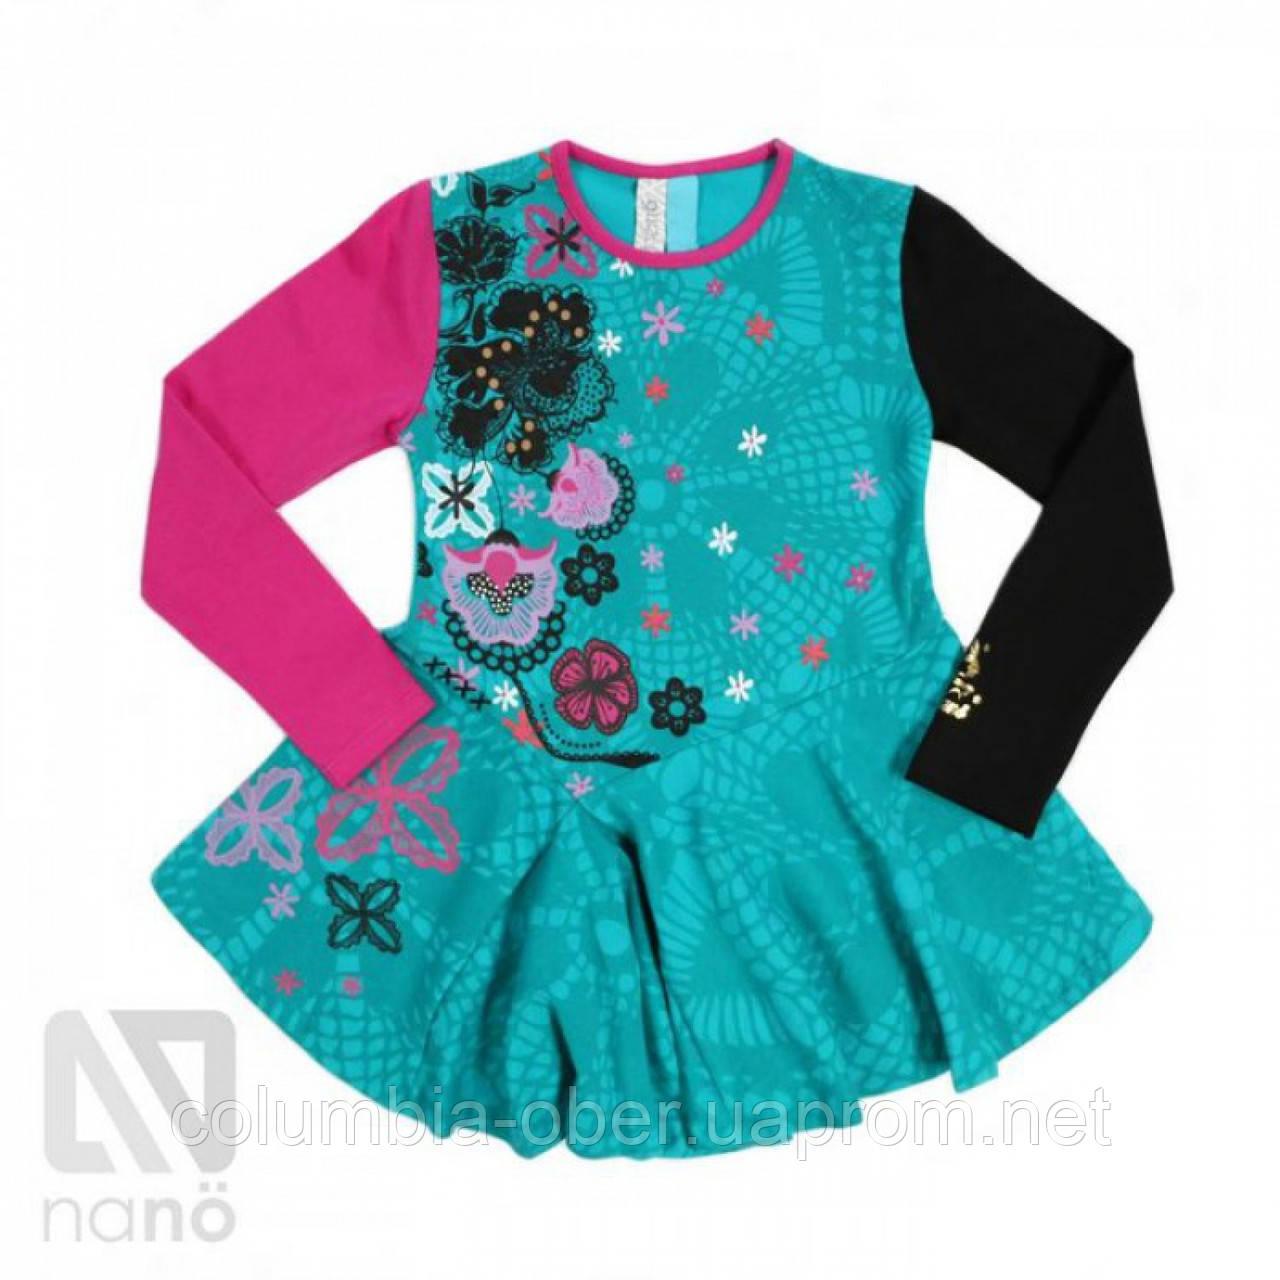 Платье-туника для девочки Nano F1420-04 Peacock. Размеры 92-142.